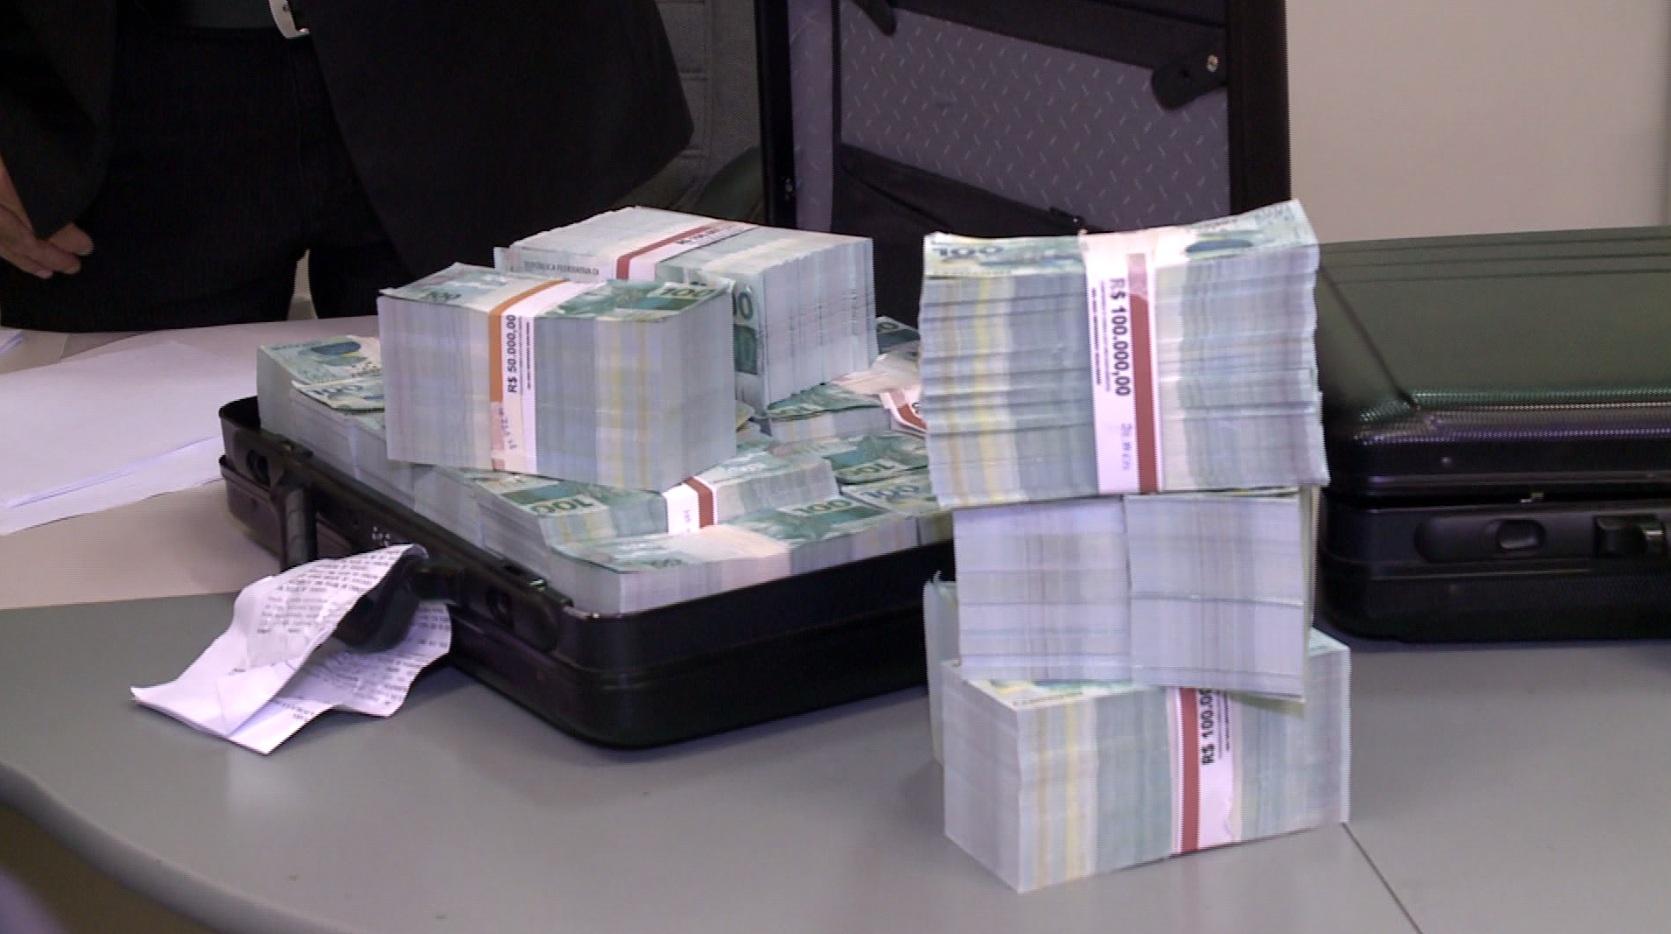 Segundo a polícia, esse dinheiro seria vendido pelo valor de R$ 500 mil. (FOTO: Reprodução/TV Jangadeiro)